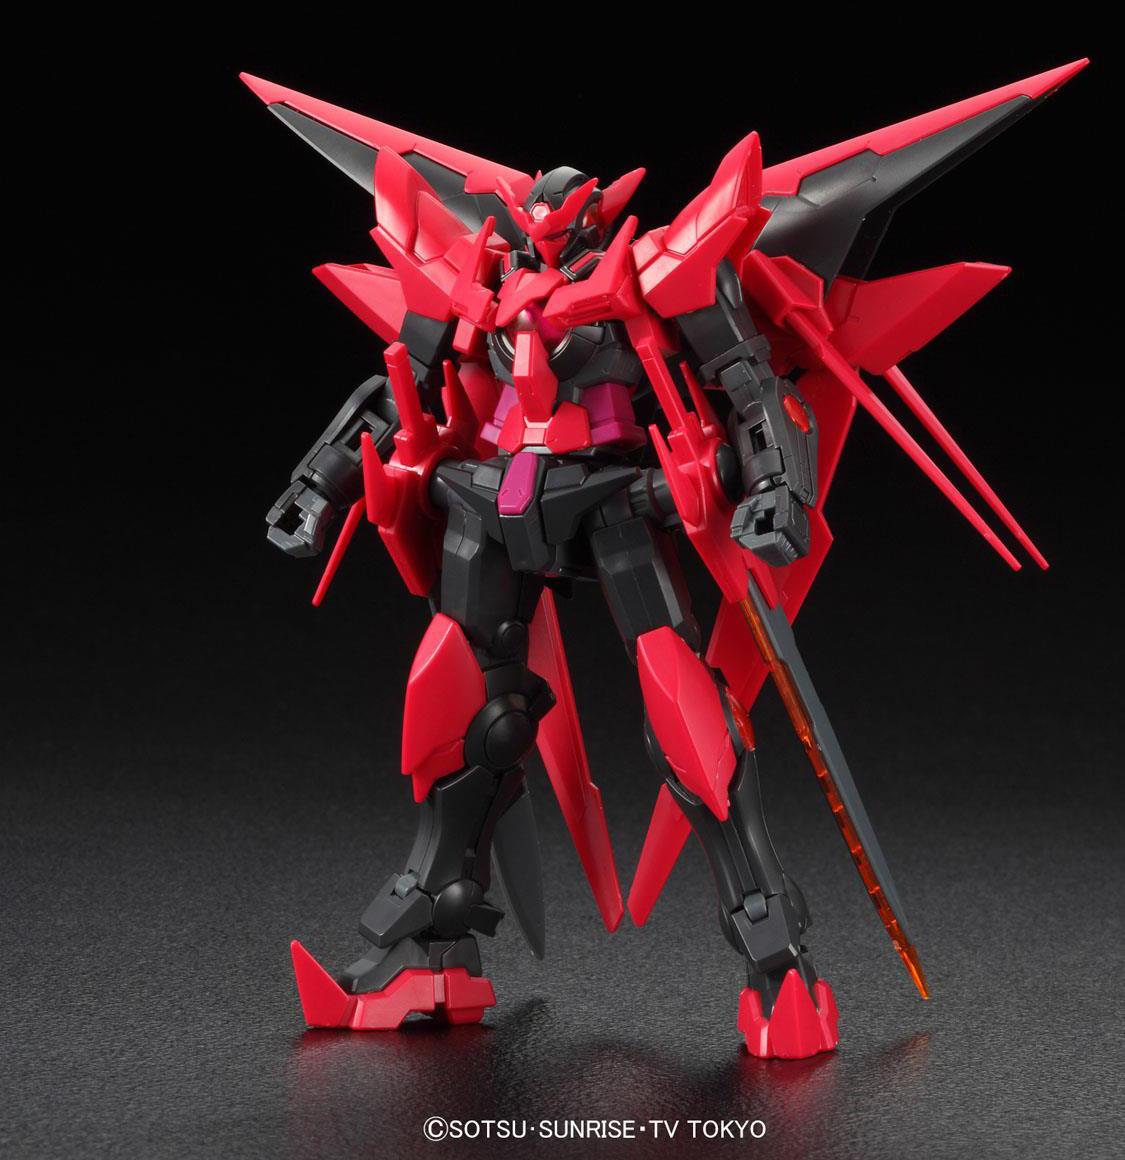 HGBF 1144 Gundam Exia Dark Matter HGBC 1144 Dark Matter Booster 1125x1160